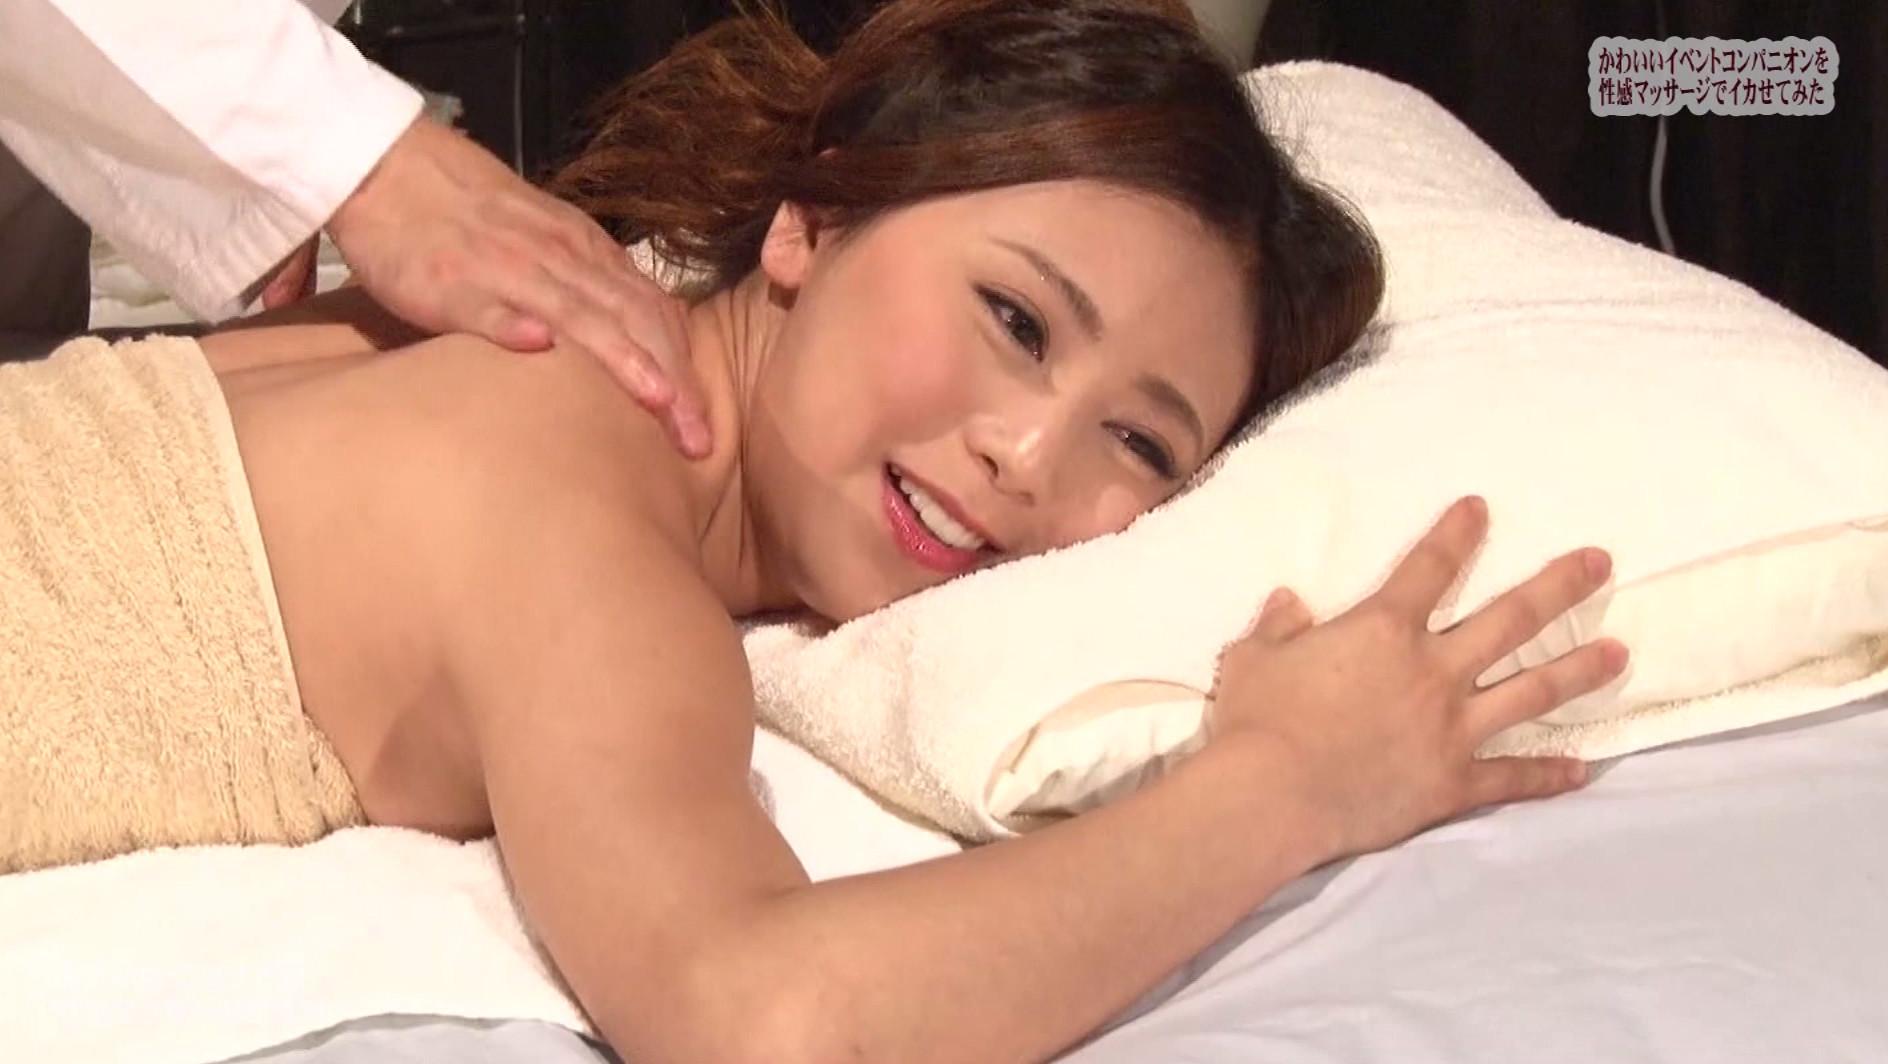 かわいいイベントコンパニオンのお姉さんを性感マッサージでとことんイカせてみた 画像2